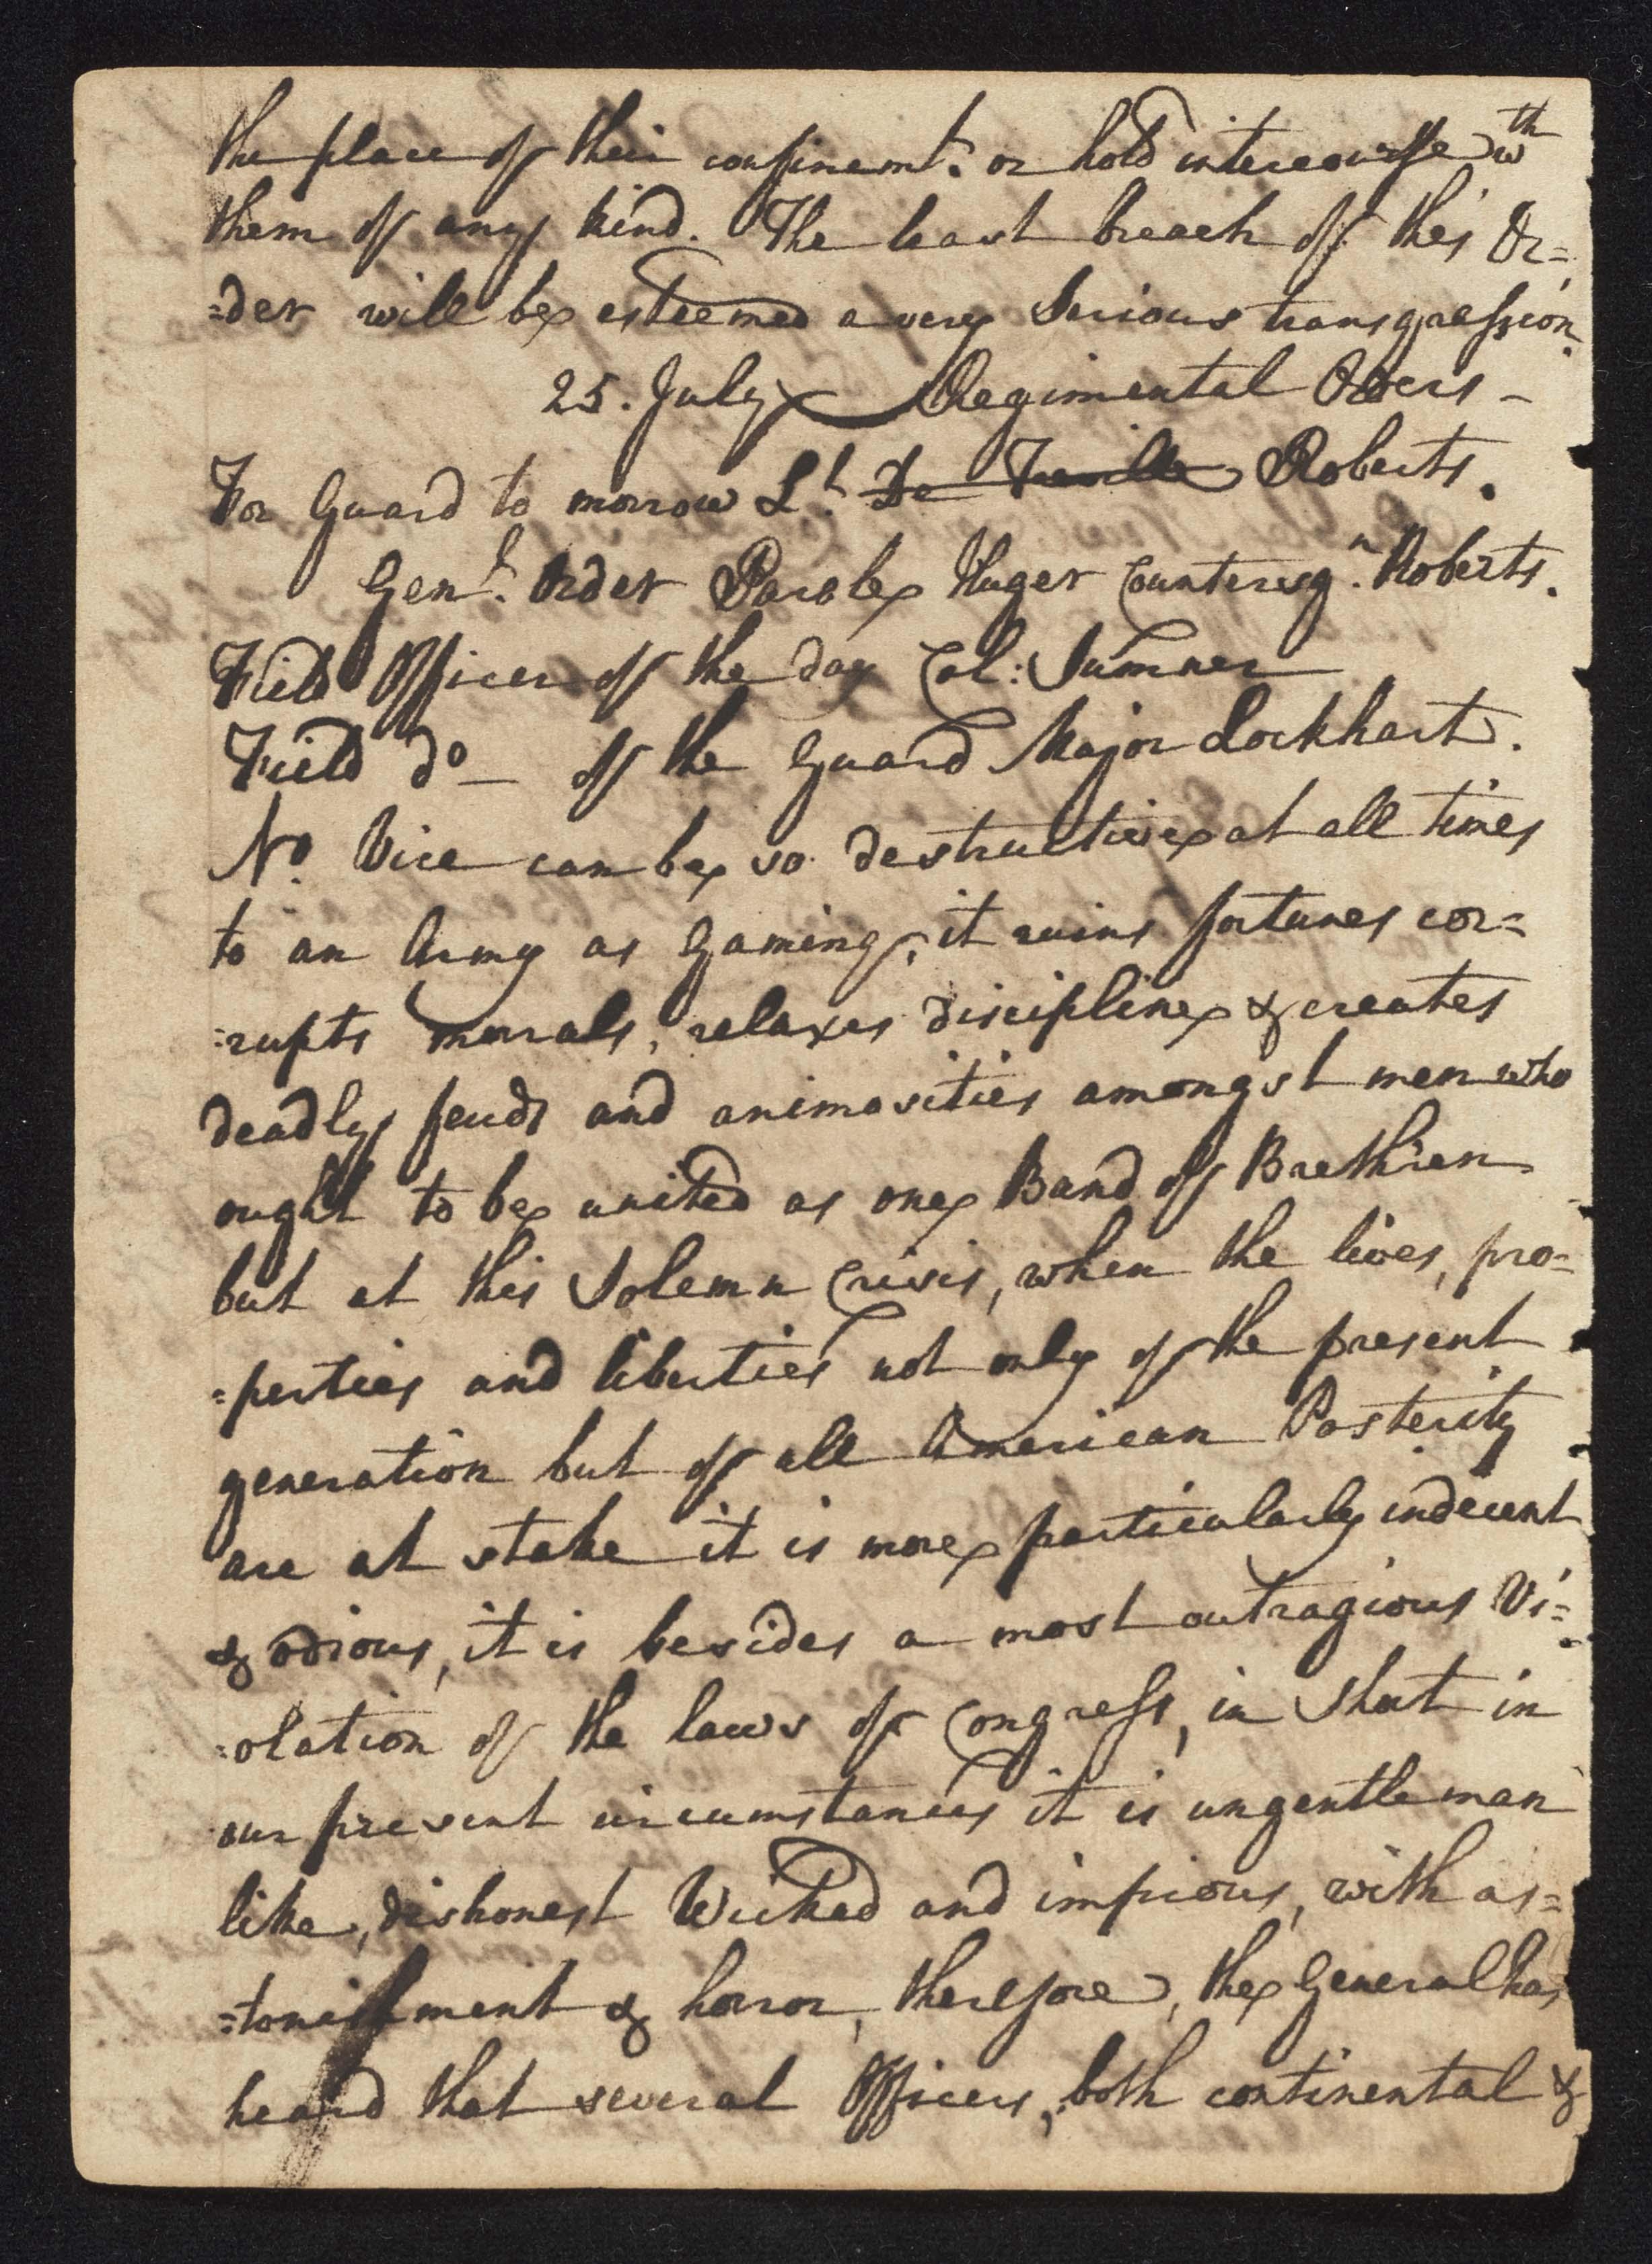 South Carolina Regiment Order Book, Page 148